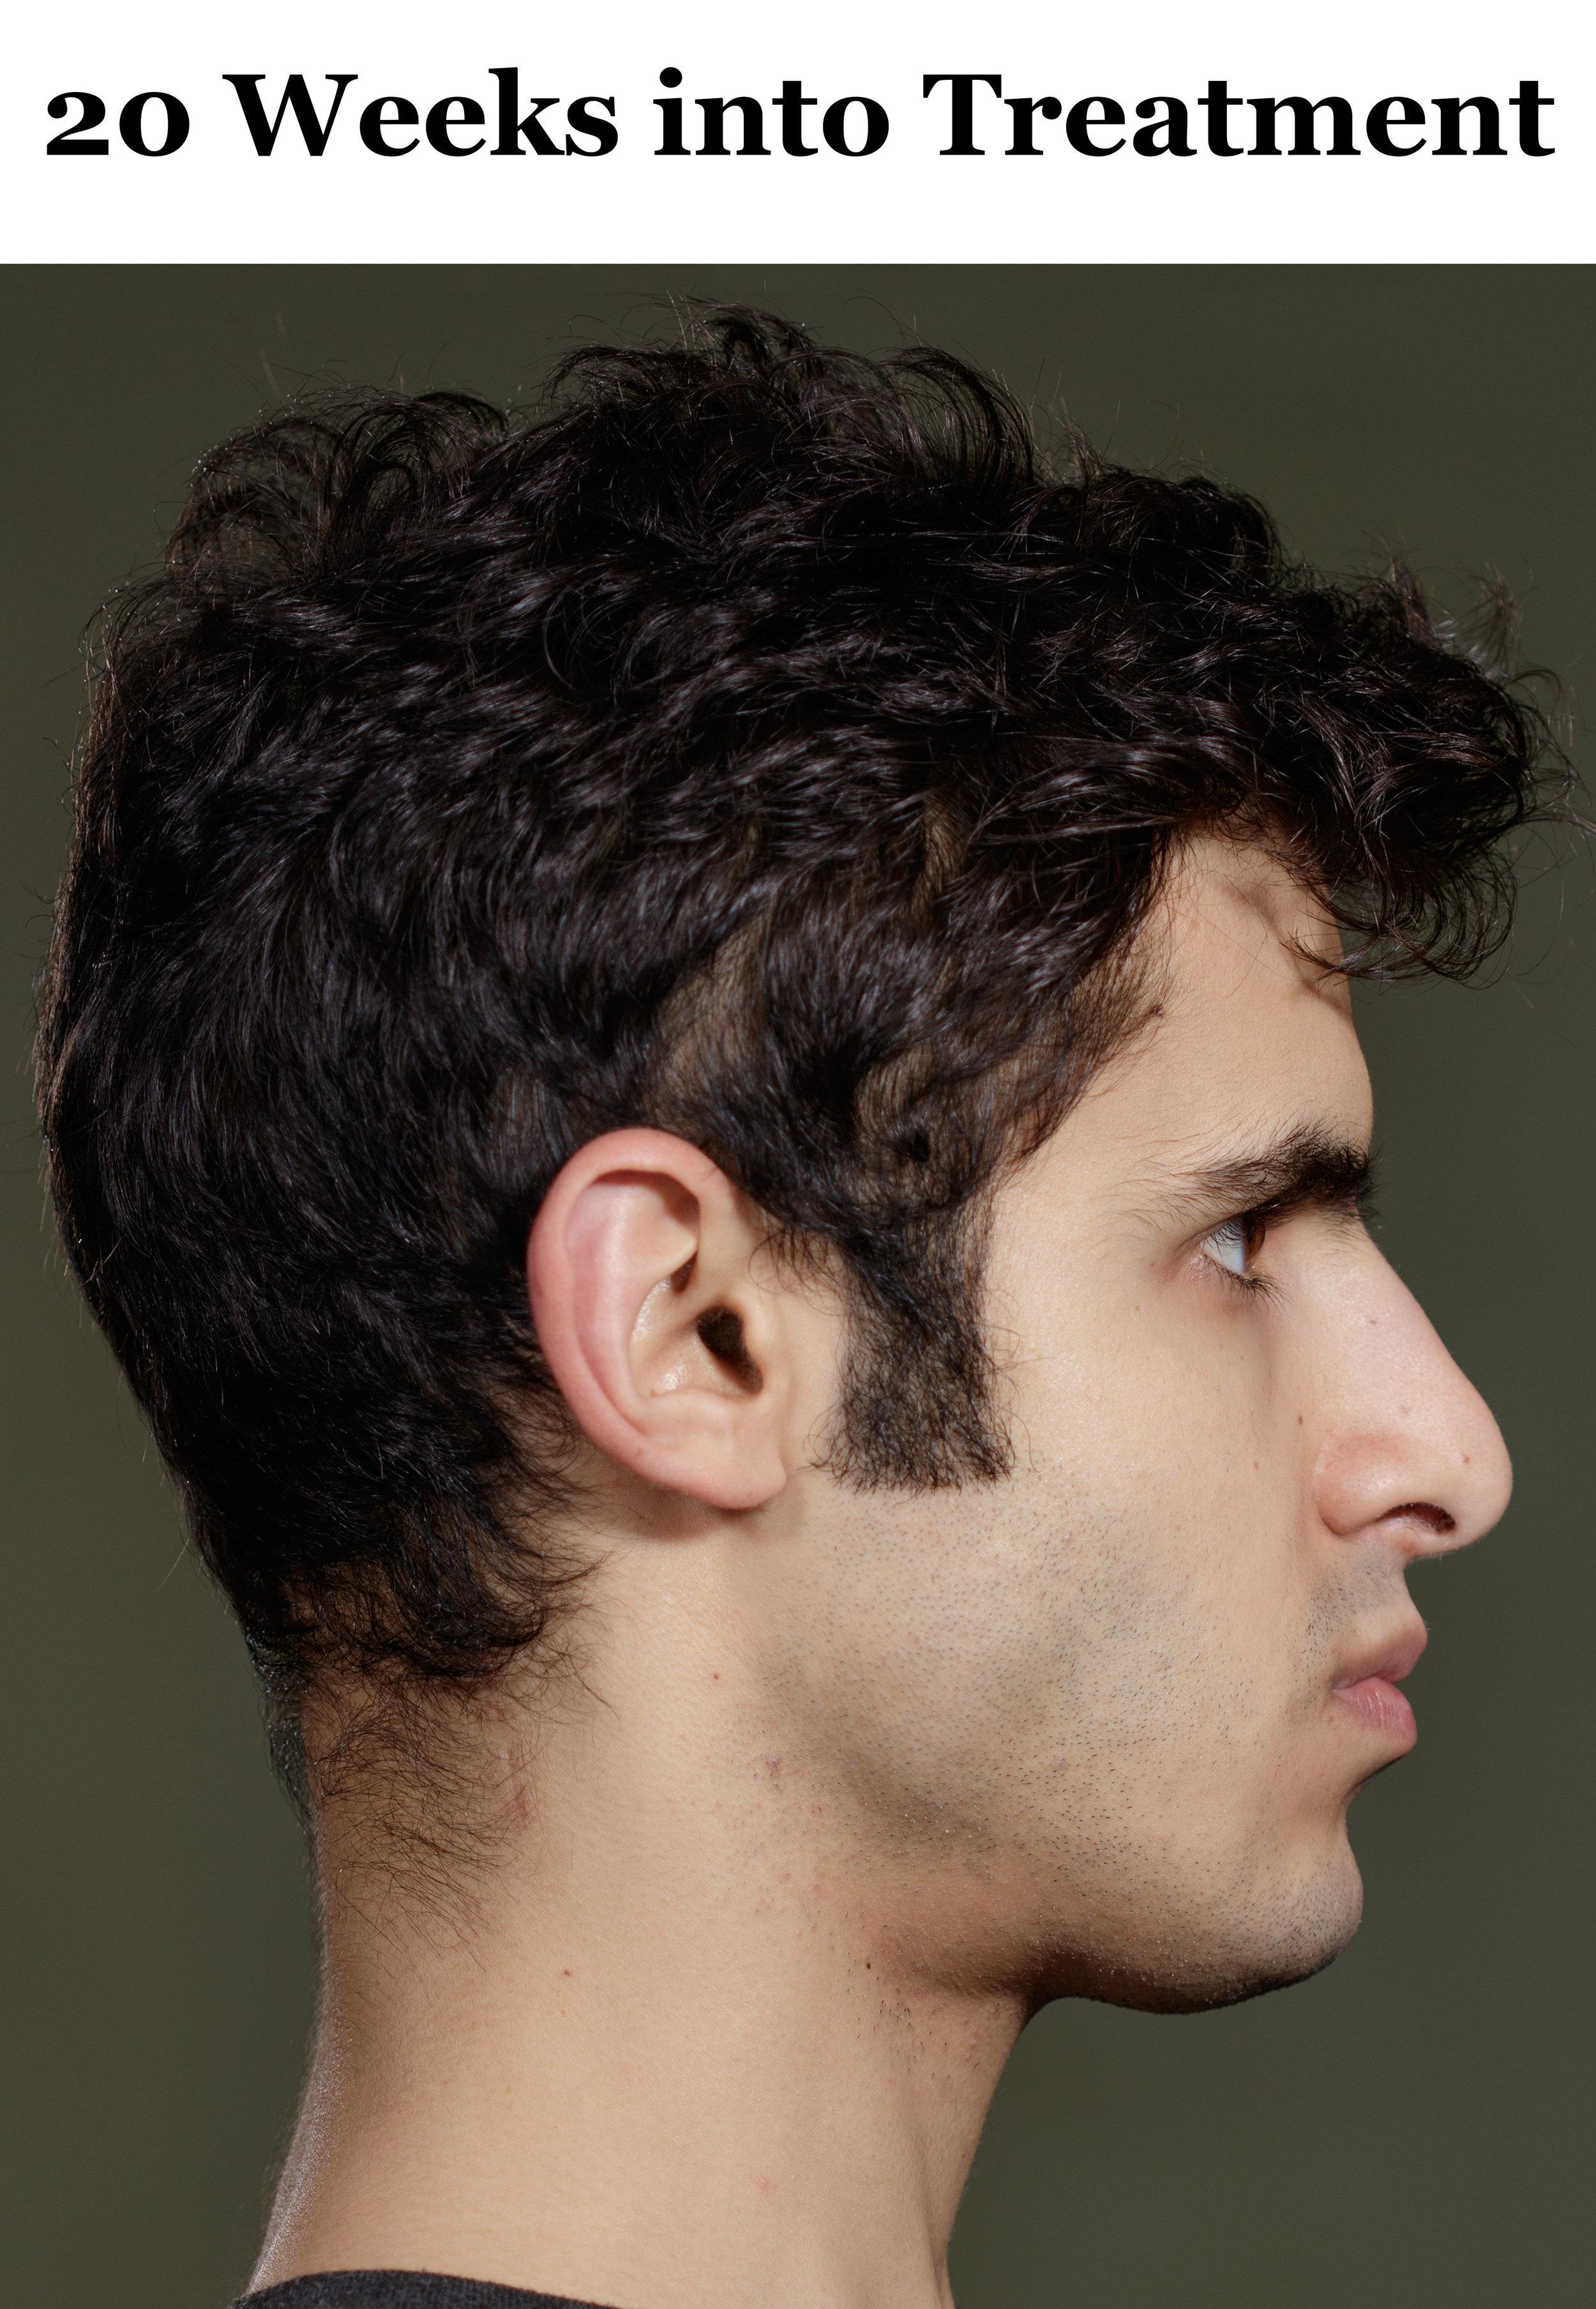 20 Weeks Side Profile.jpg